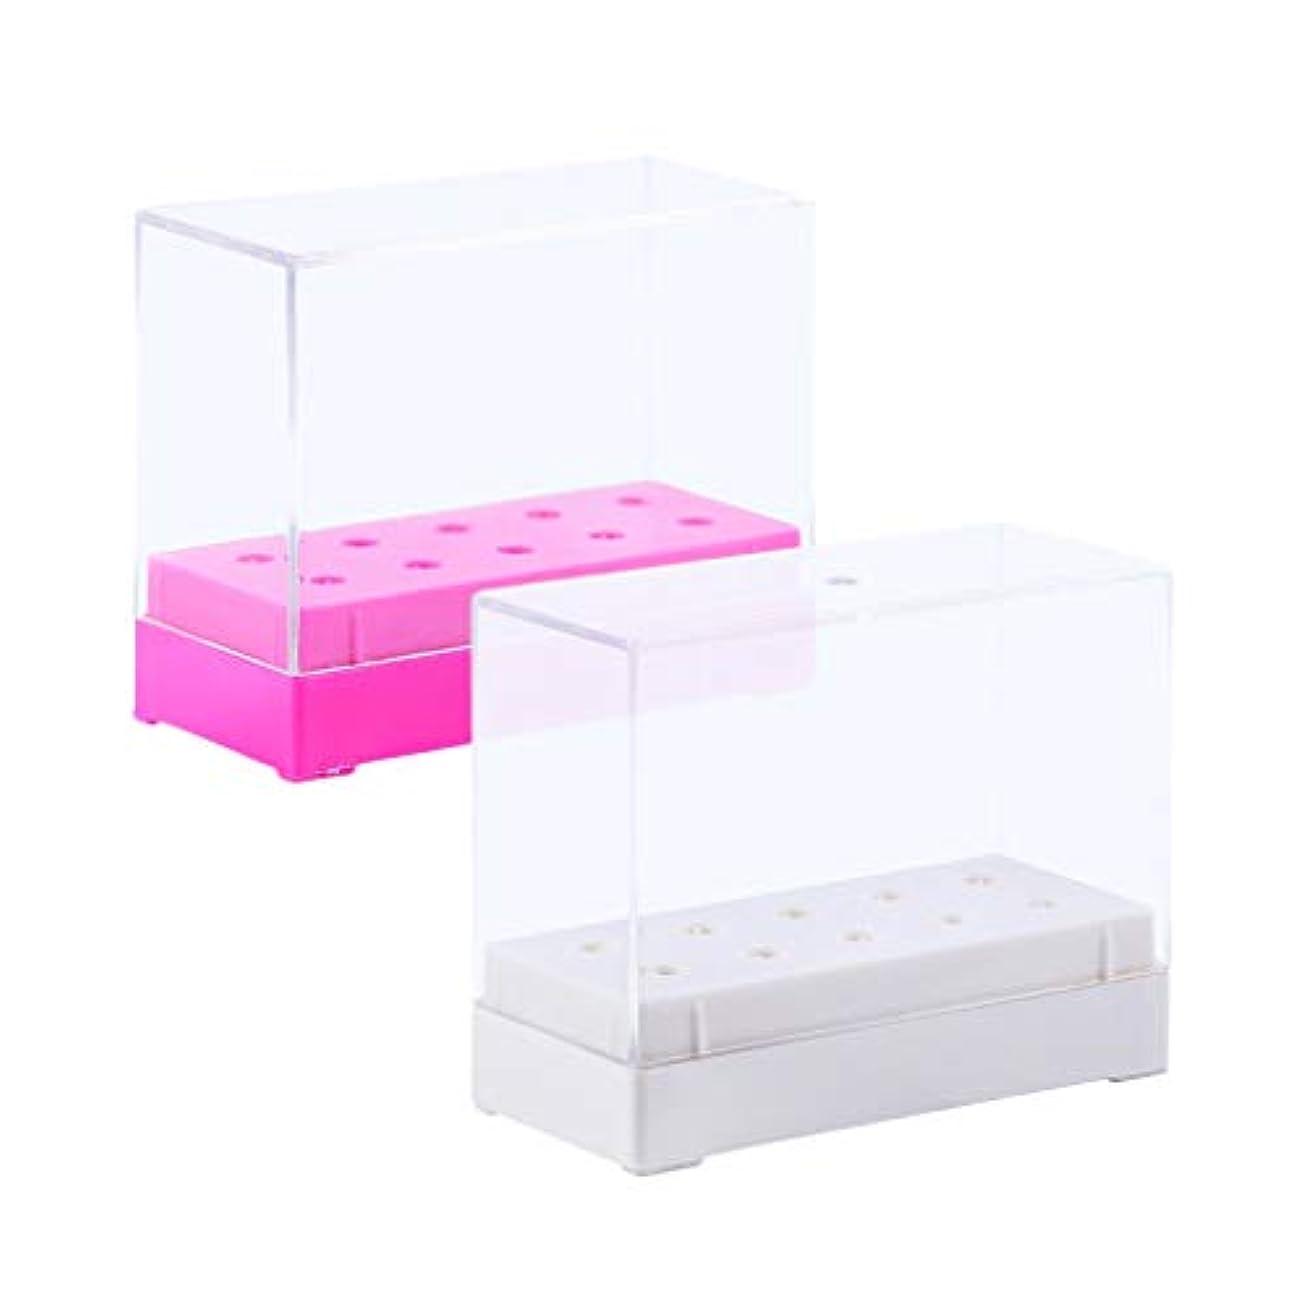 壁実行可能腕DYNWAVE 10穴ネイルドリルビットホルダースタンドオーガナイザーケースディスプレイ収納ボックス2x